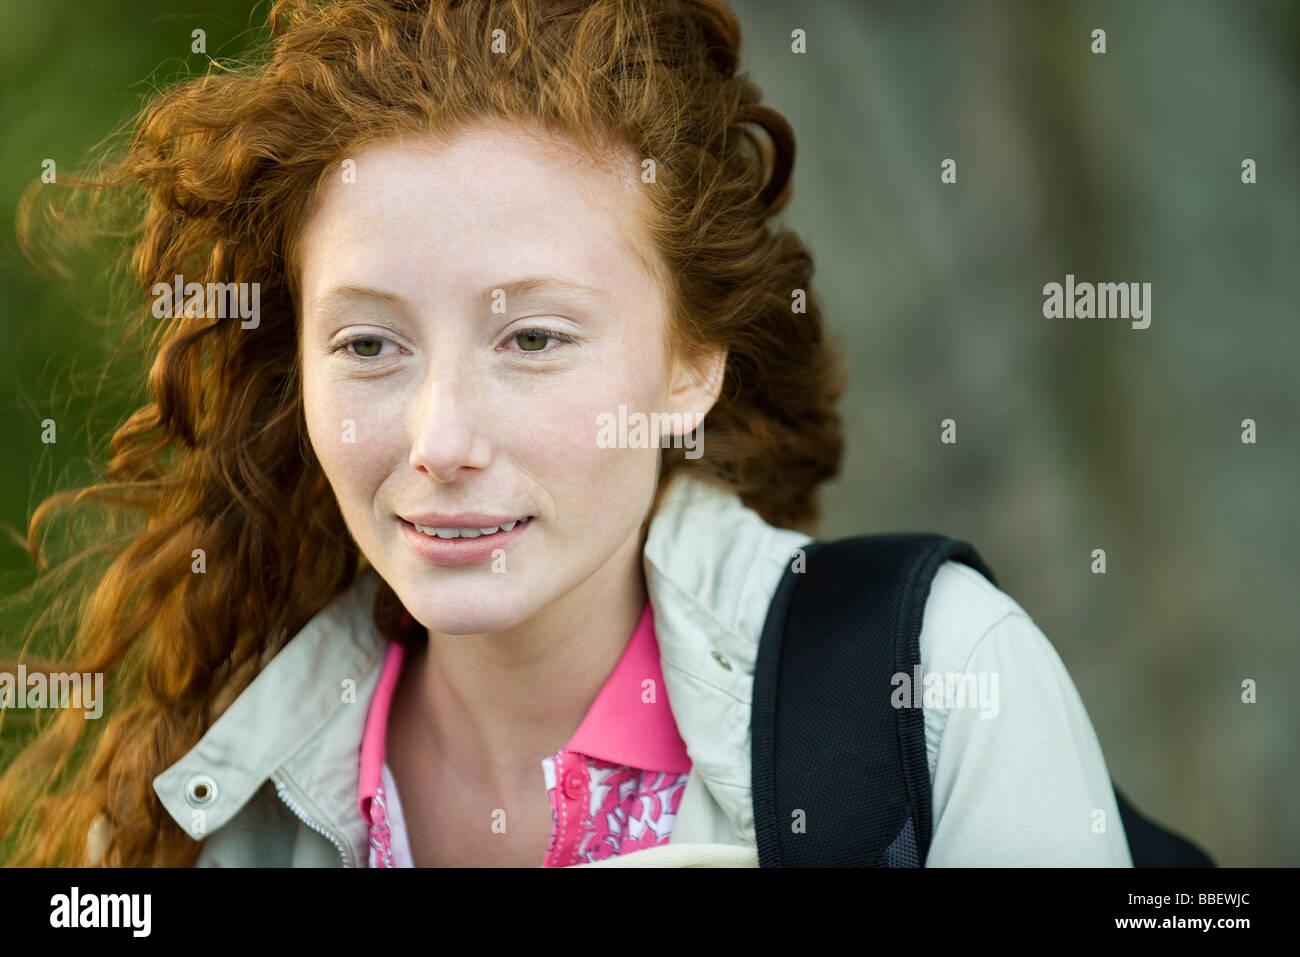 Junge rote kurzhaarige Frau draußen, Porträt Stockfoto